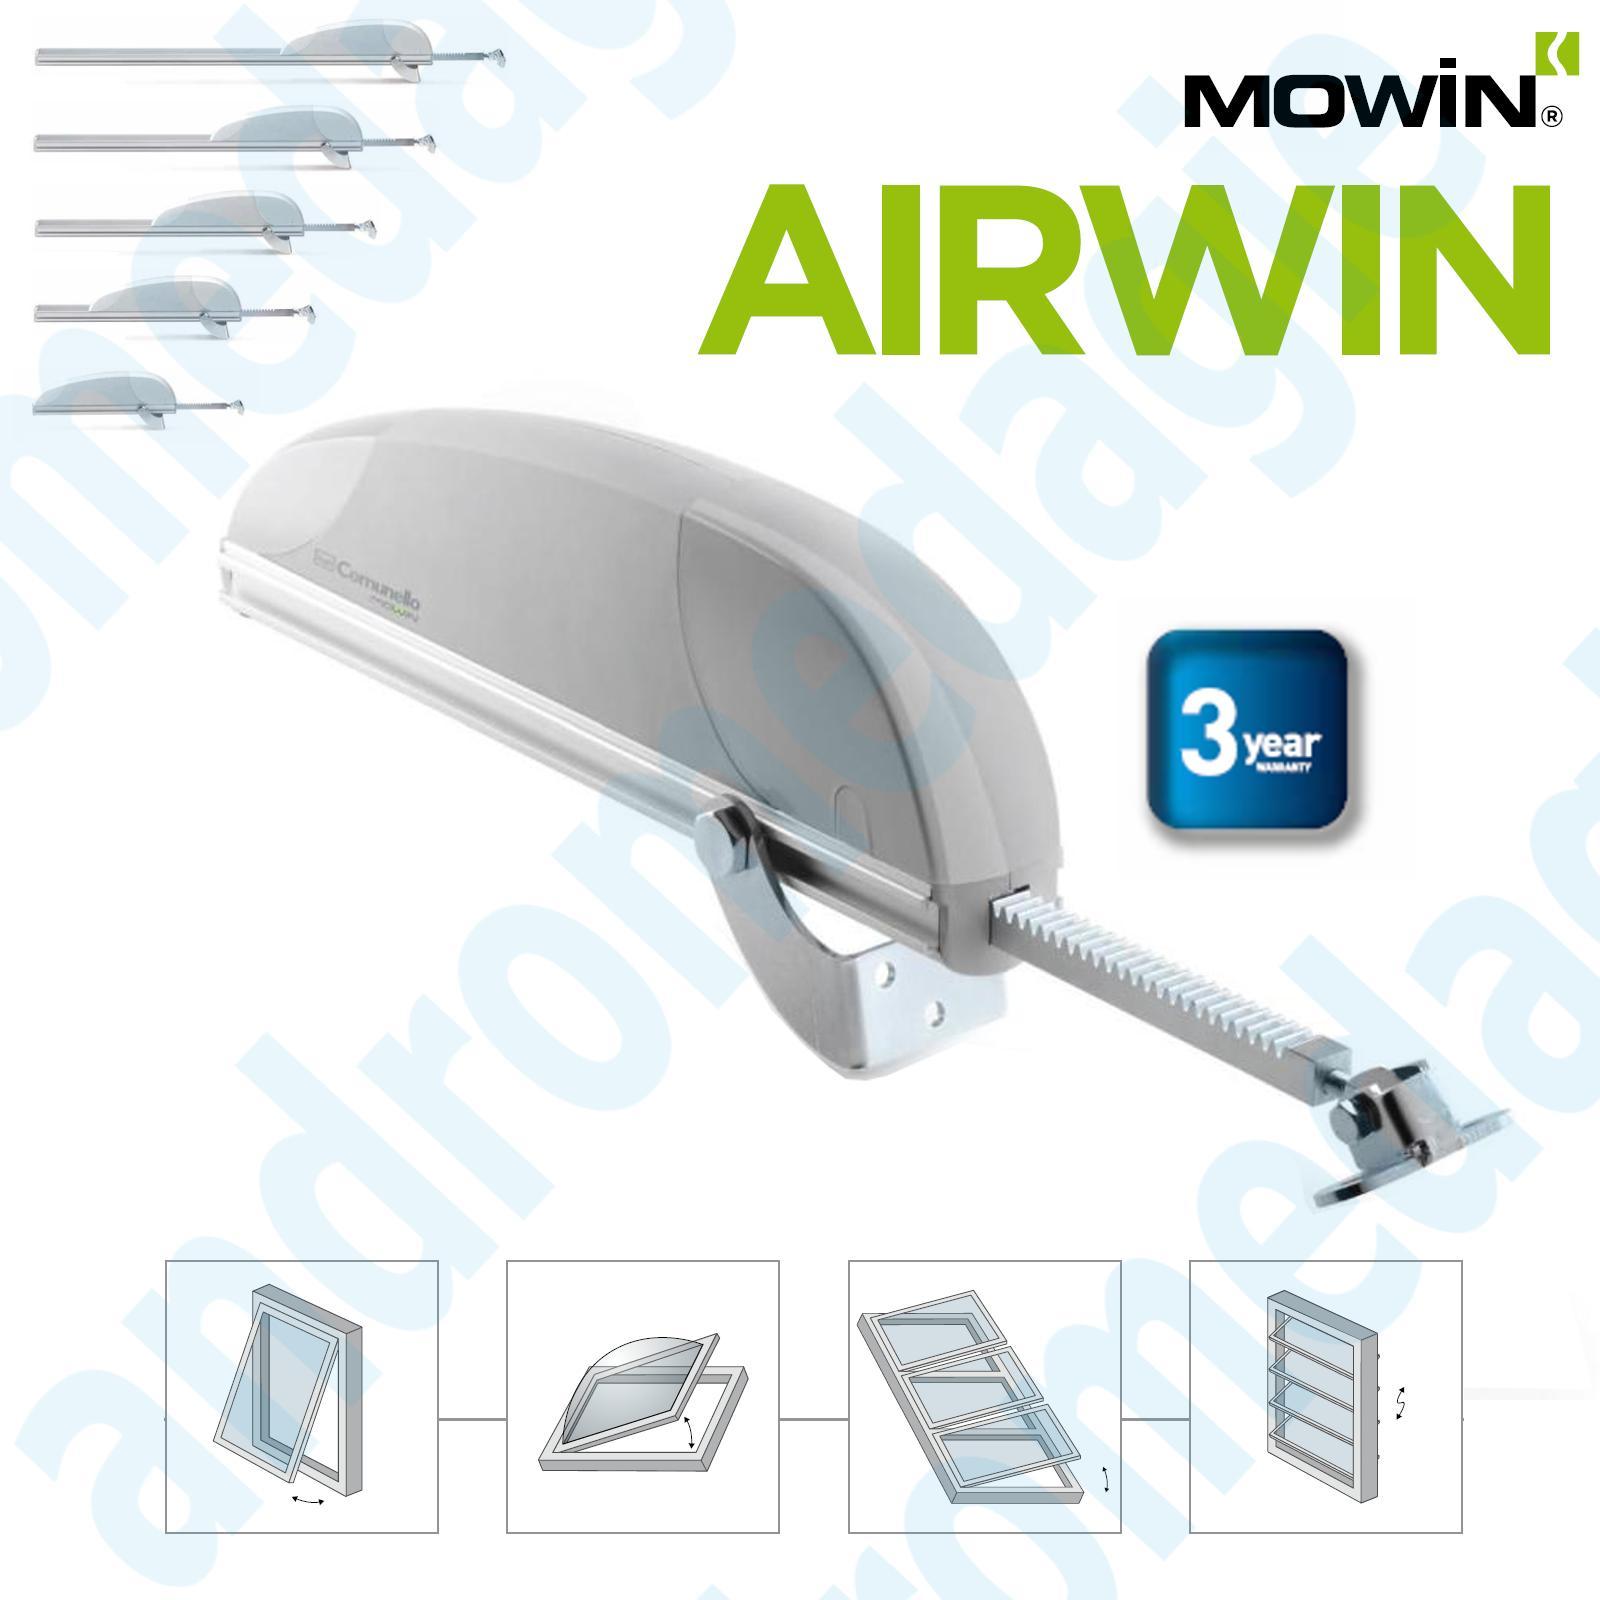 AIRWIN 450N